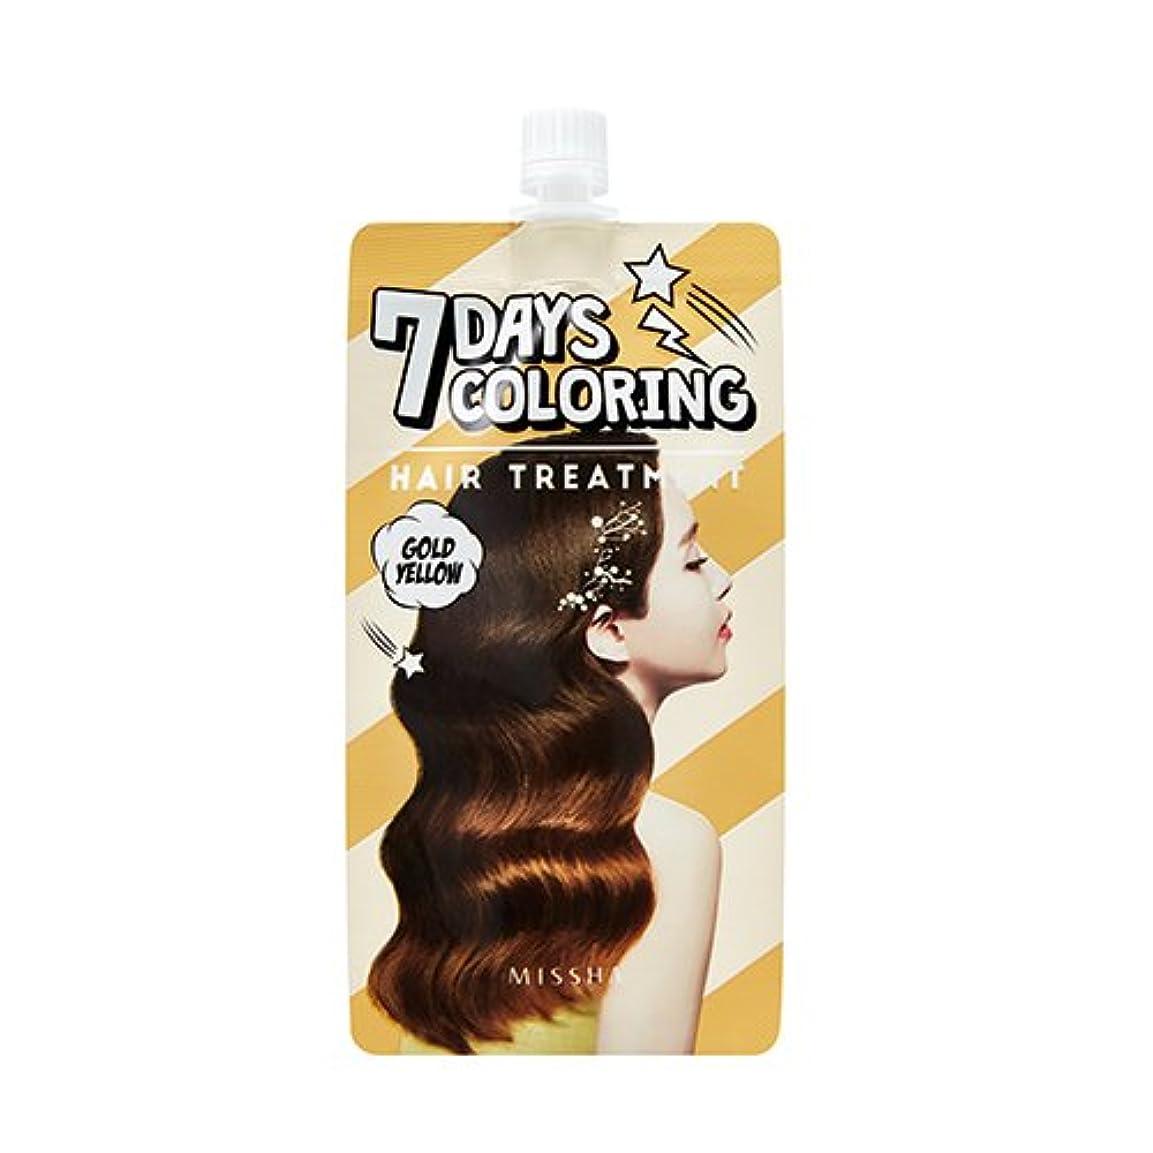 ロール者検出可能MISSHA 7 Days Coloring Hair Treatment 25ml/ミシャ 7デイズ カラーリング ヘア トリートメント 25ml (#Gold Yellow) [並行輸入品]